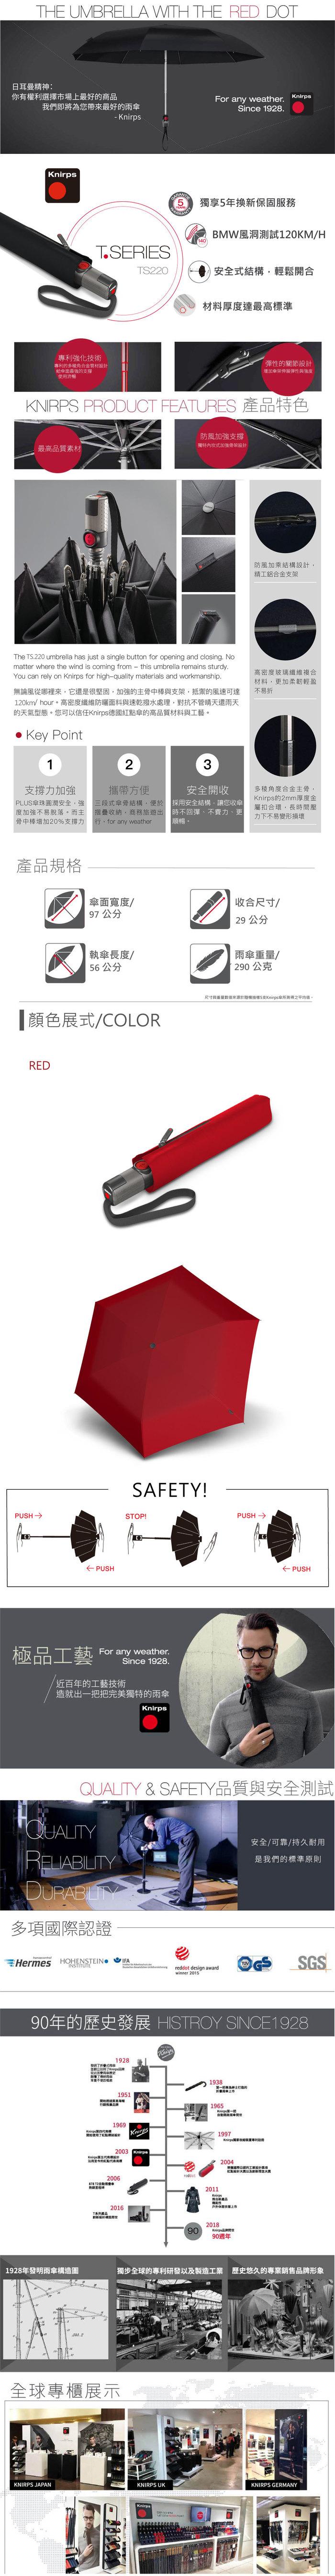 (複製)Knirps®德國紅點傘|TS.220 輕薄安全扁自動開收傘-Kelly Dark Navy